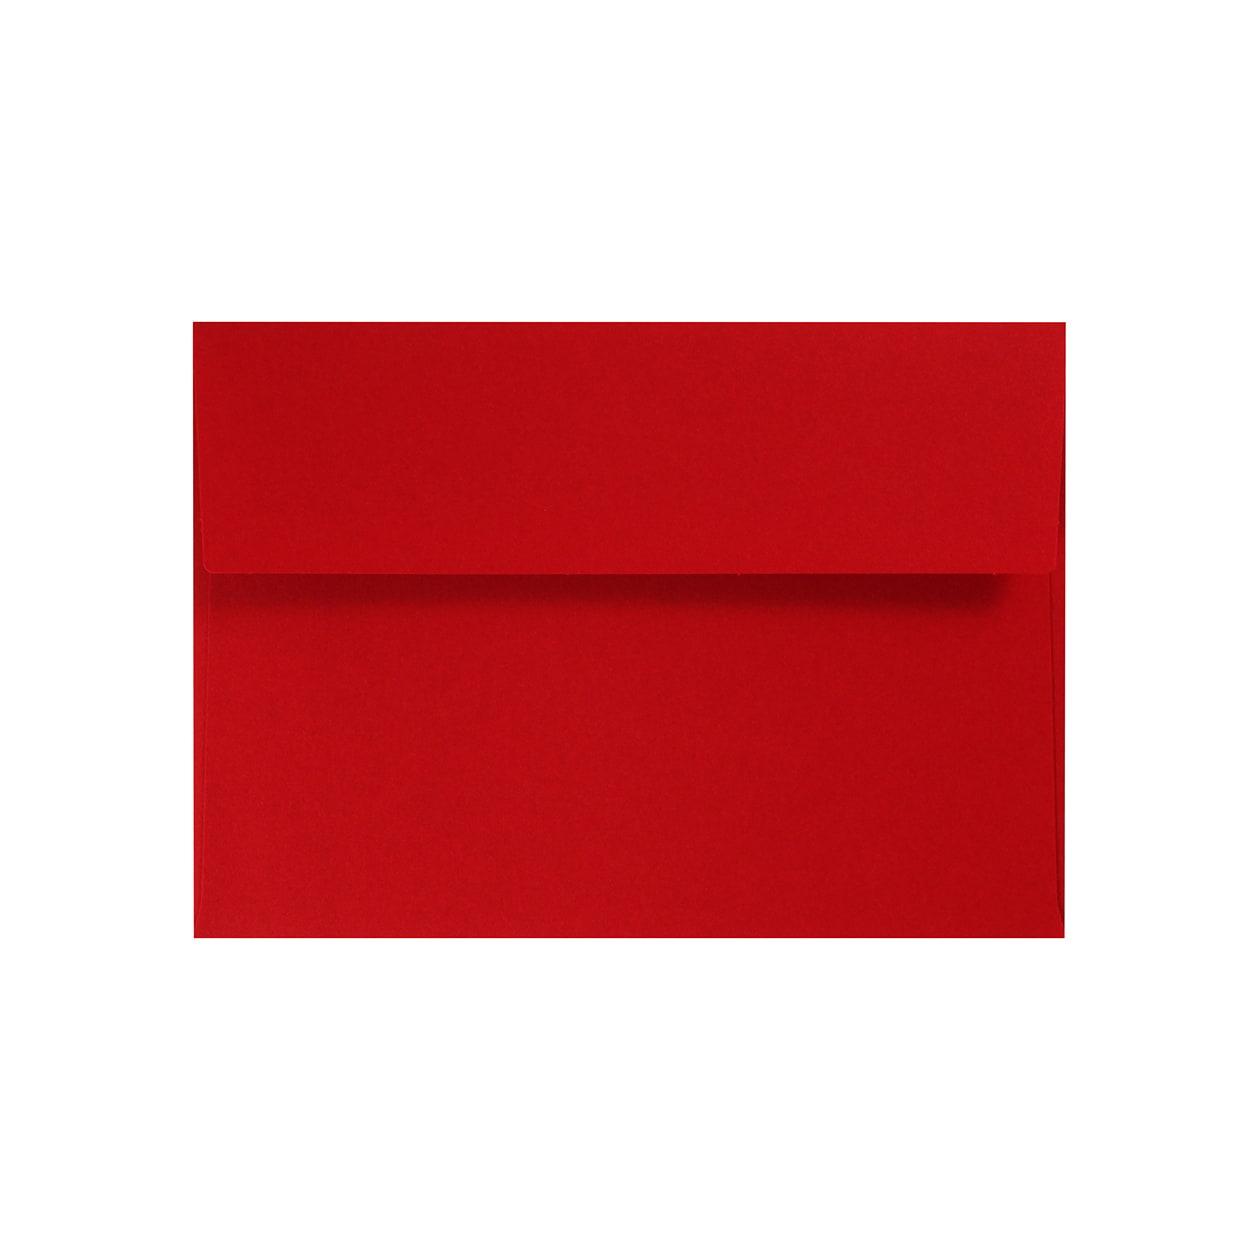 洋2カマス封筒 コットン(NTラシャ) 濃赤(こいあか) 116.3g